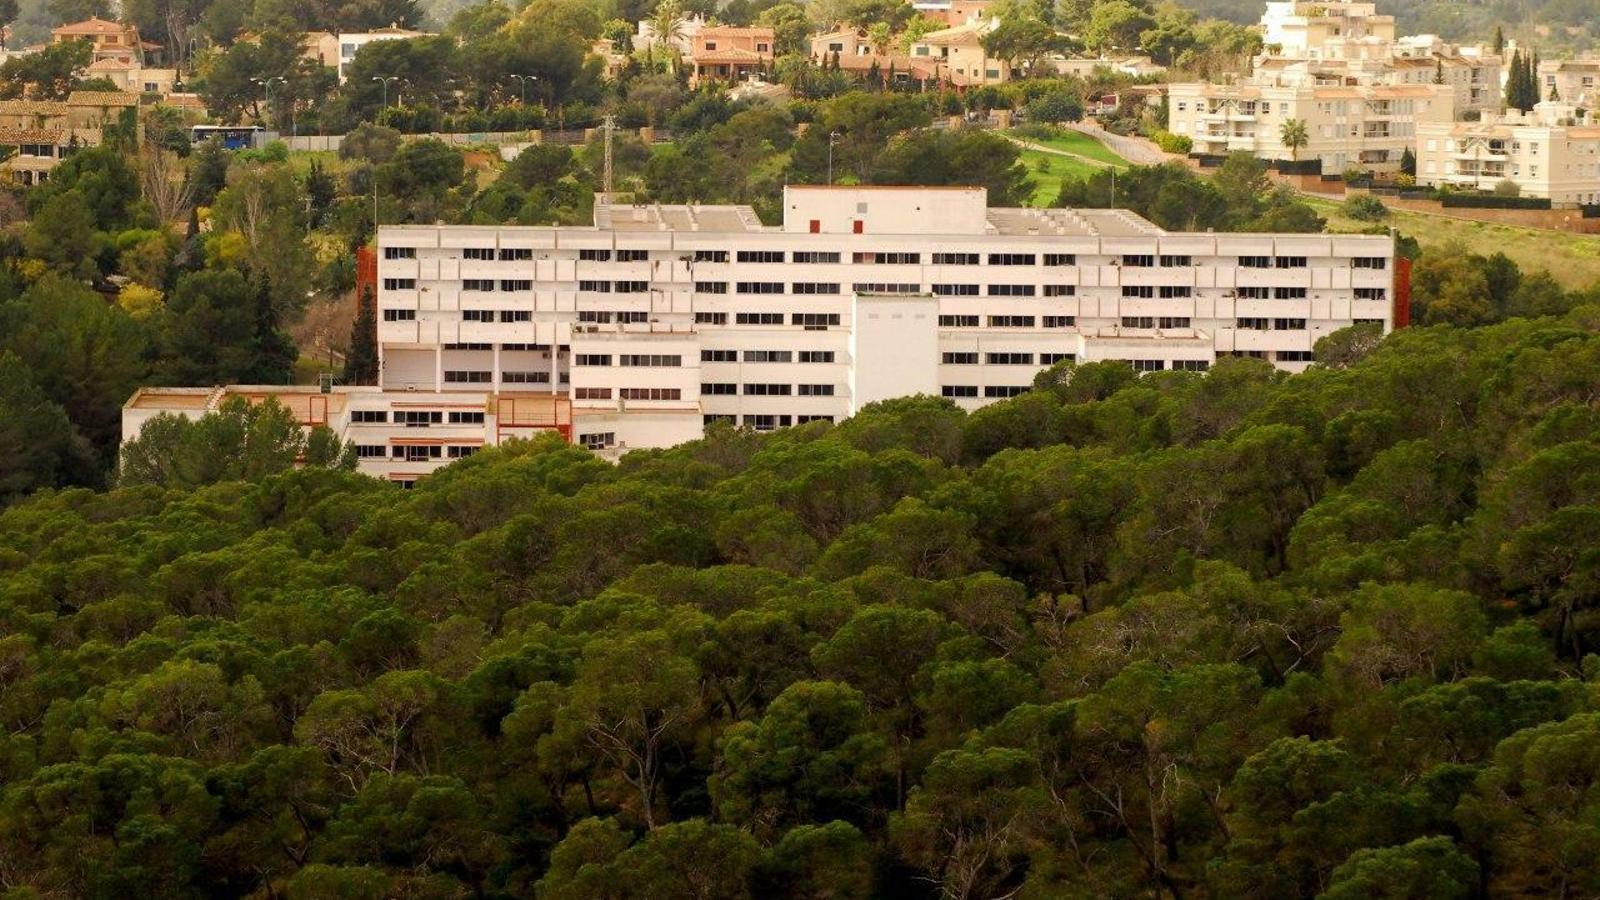 La residència de la Bonanova, a Palma